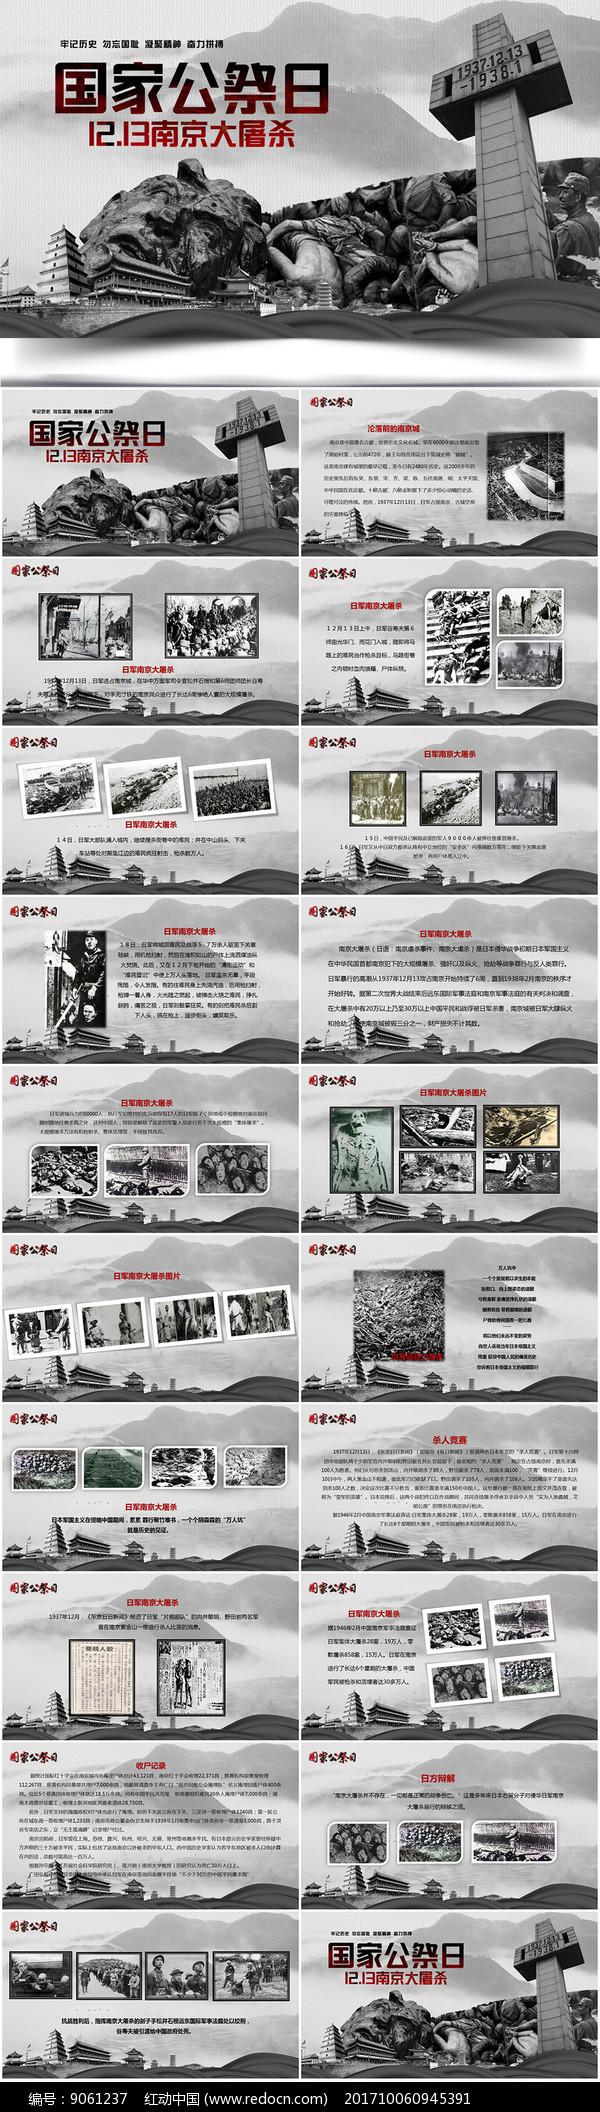 国家公祭日南京大屠杀PPT图片